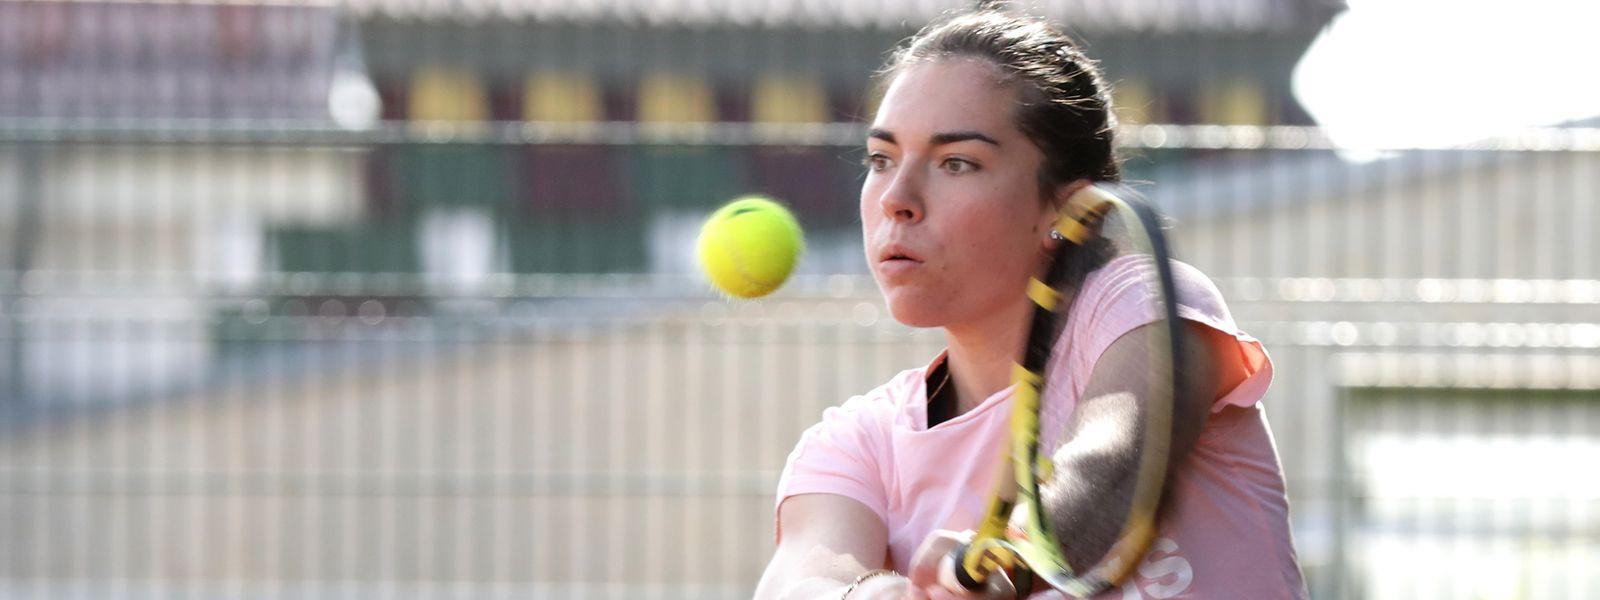 Eléonora Molinaro sucht eine neue Herausforderung abseits des Tennisplatzes.